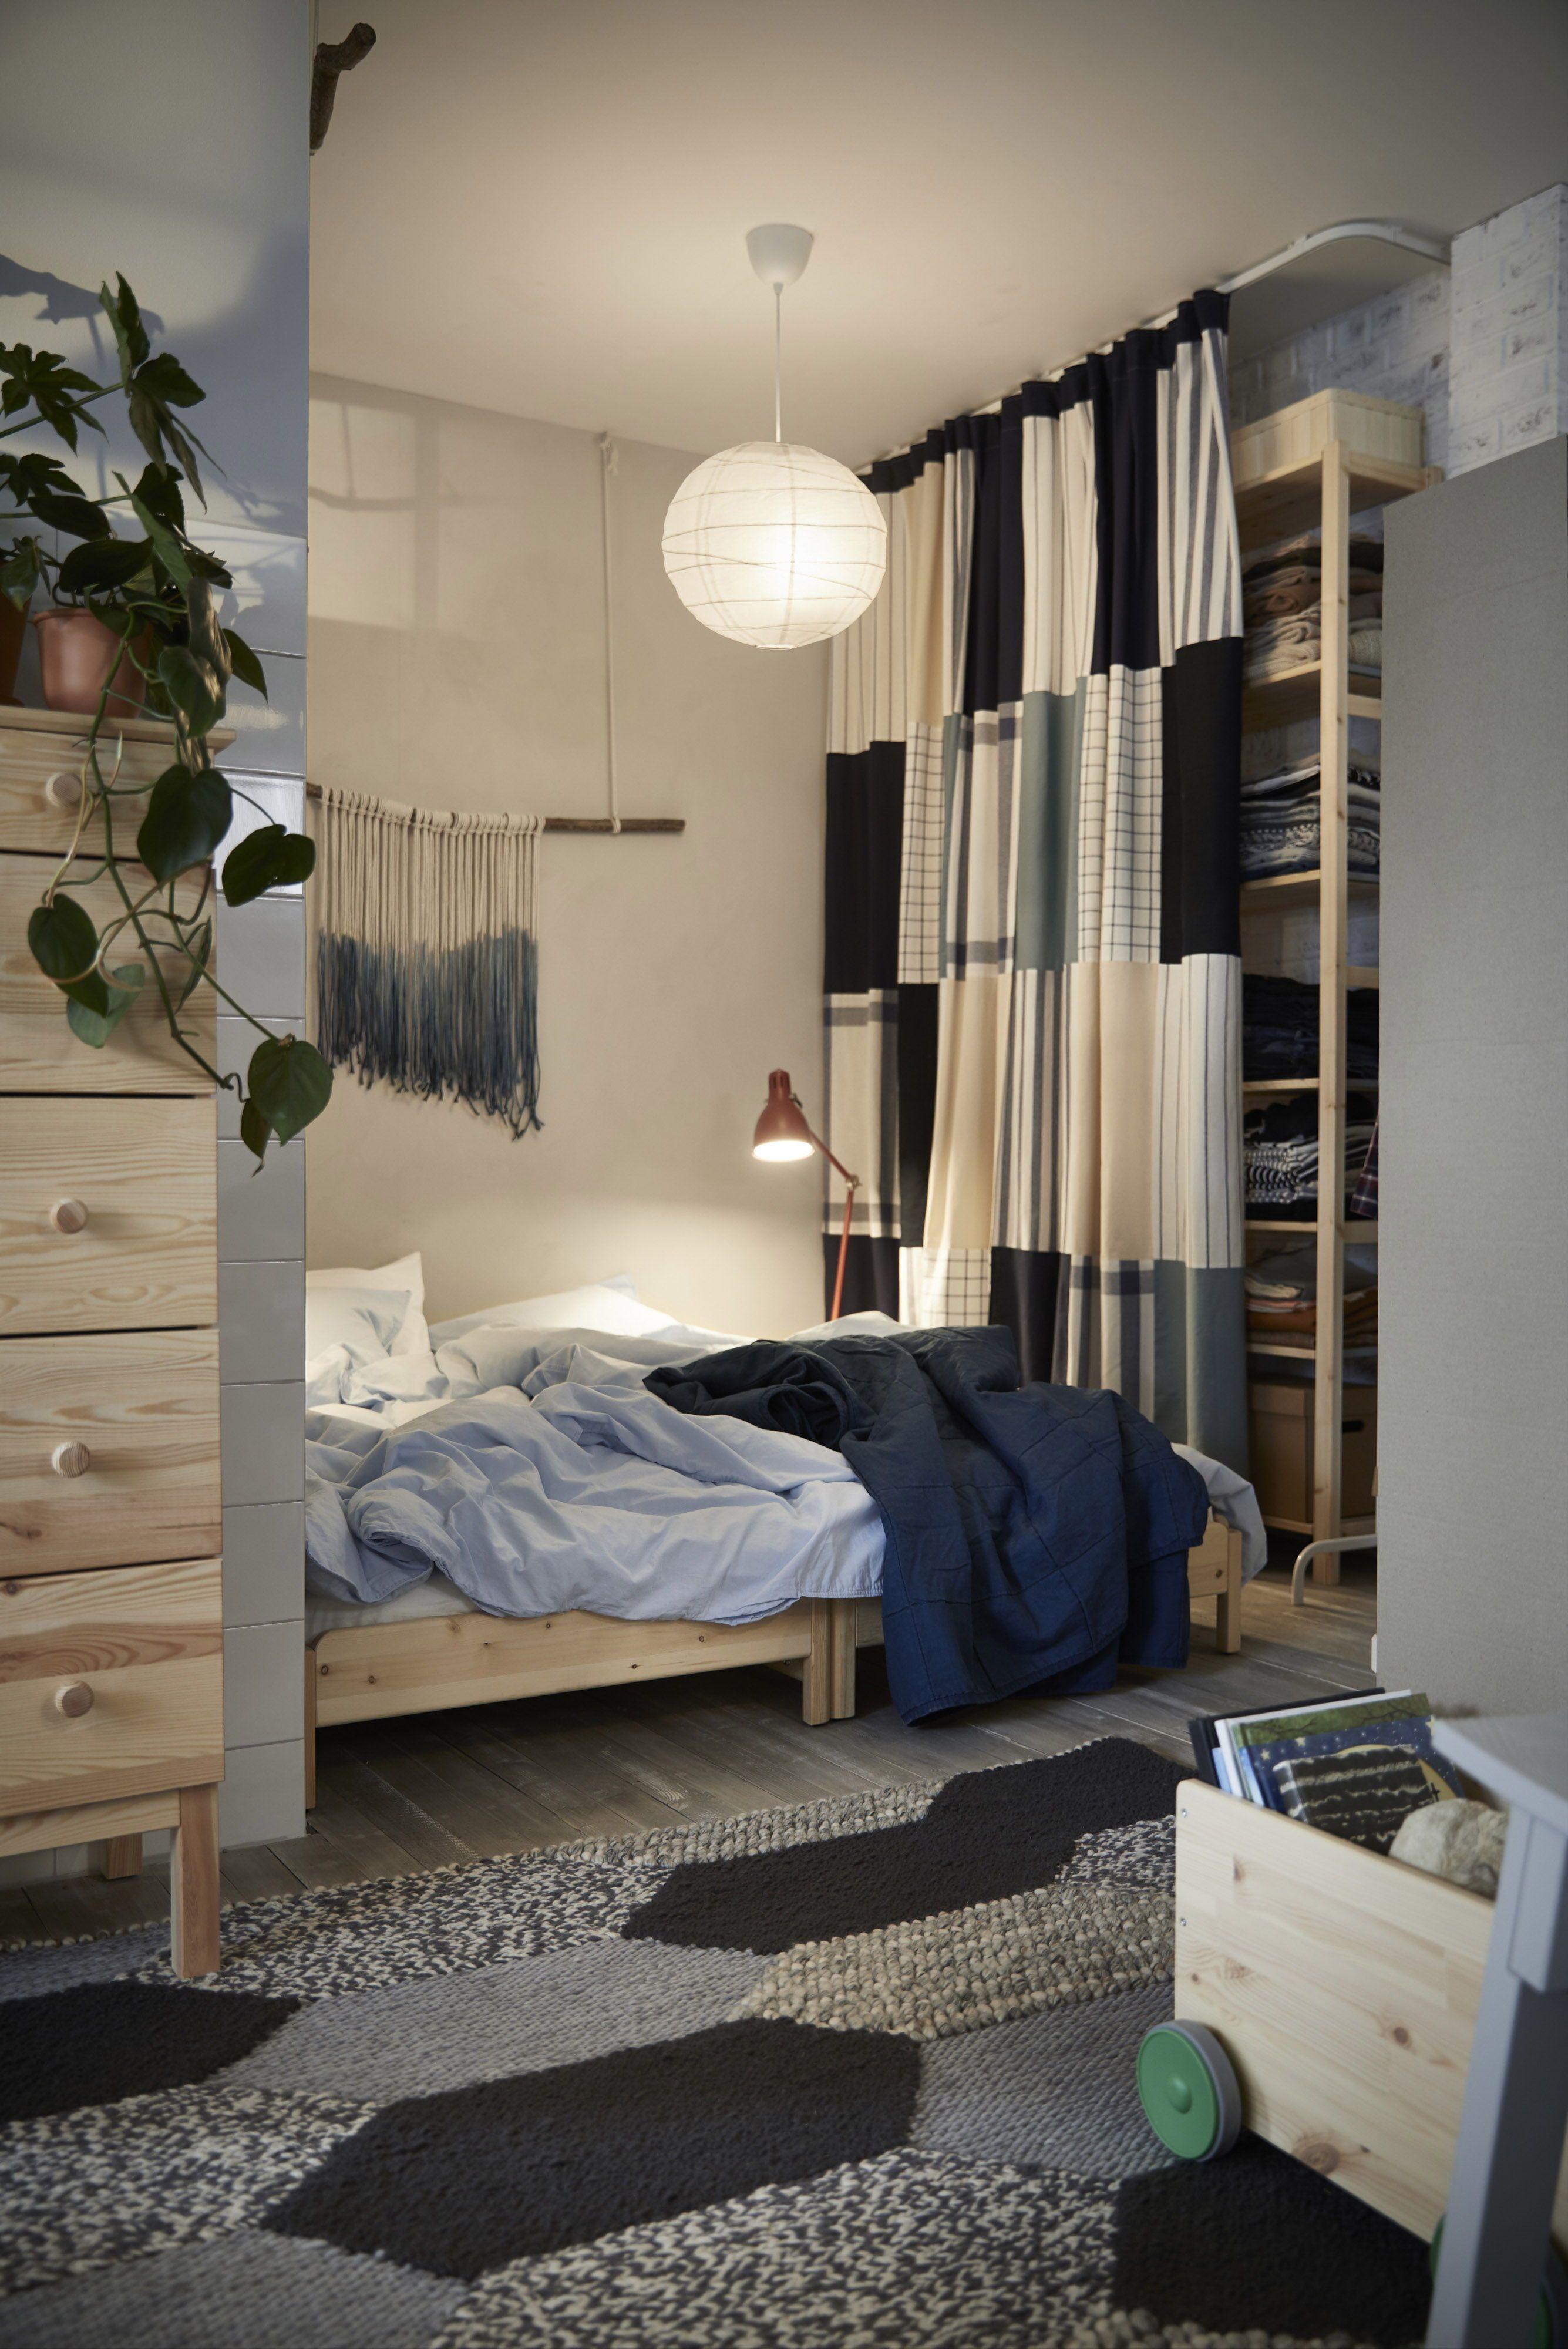 utker stapelbaar bed ikea ikeanl ikeanederland inspiratie wooninspiratie interieur wooninterieur kast vloerkleed dekbed dekbedovertrek bureaulamp